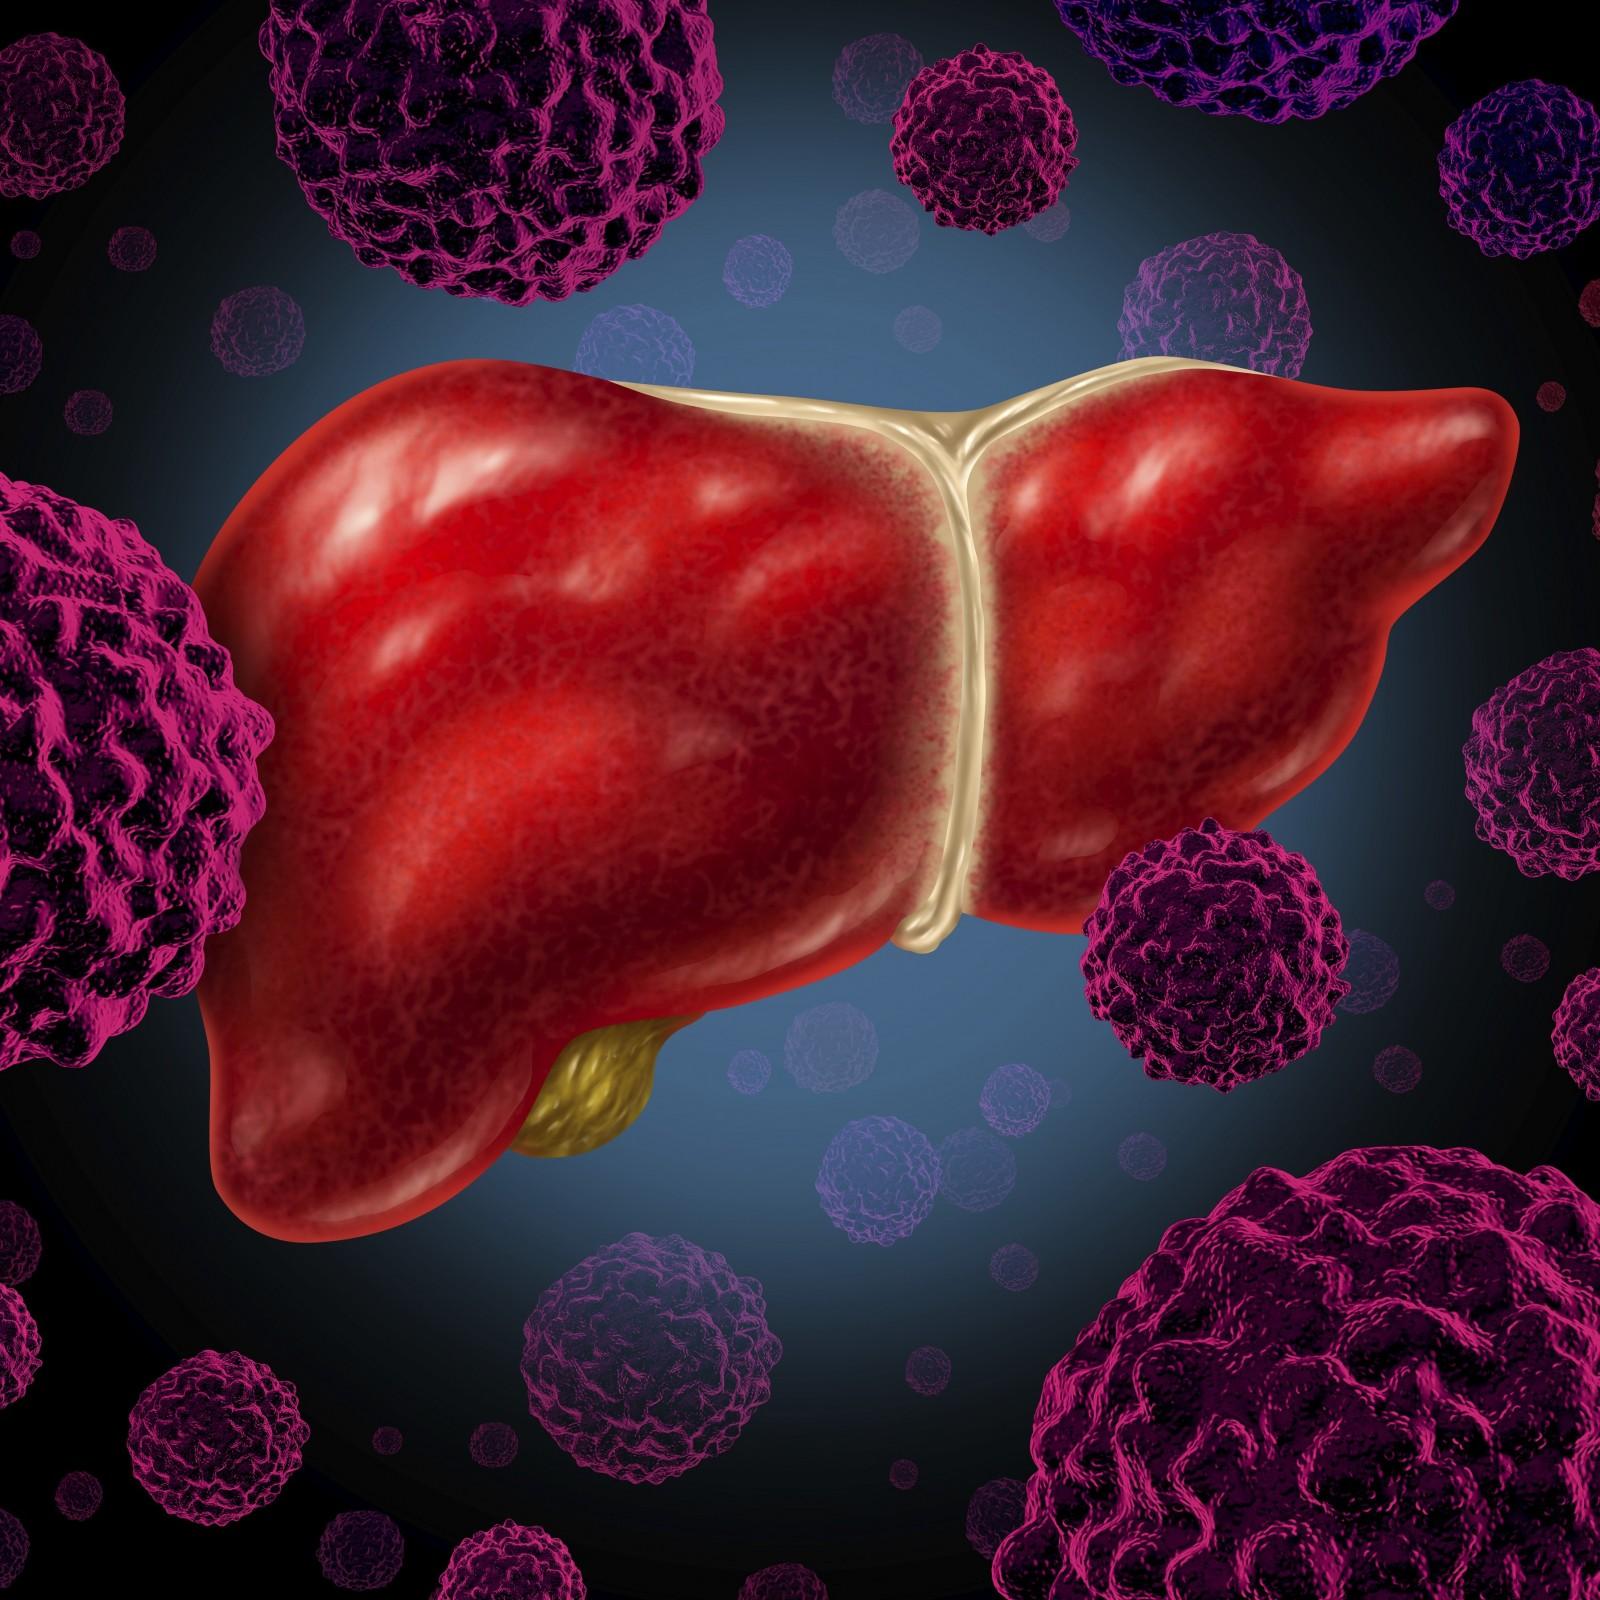 علاج فيروس الكبد بالعسل https://www.alharif.com